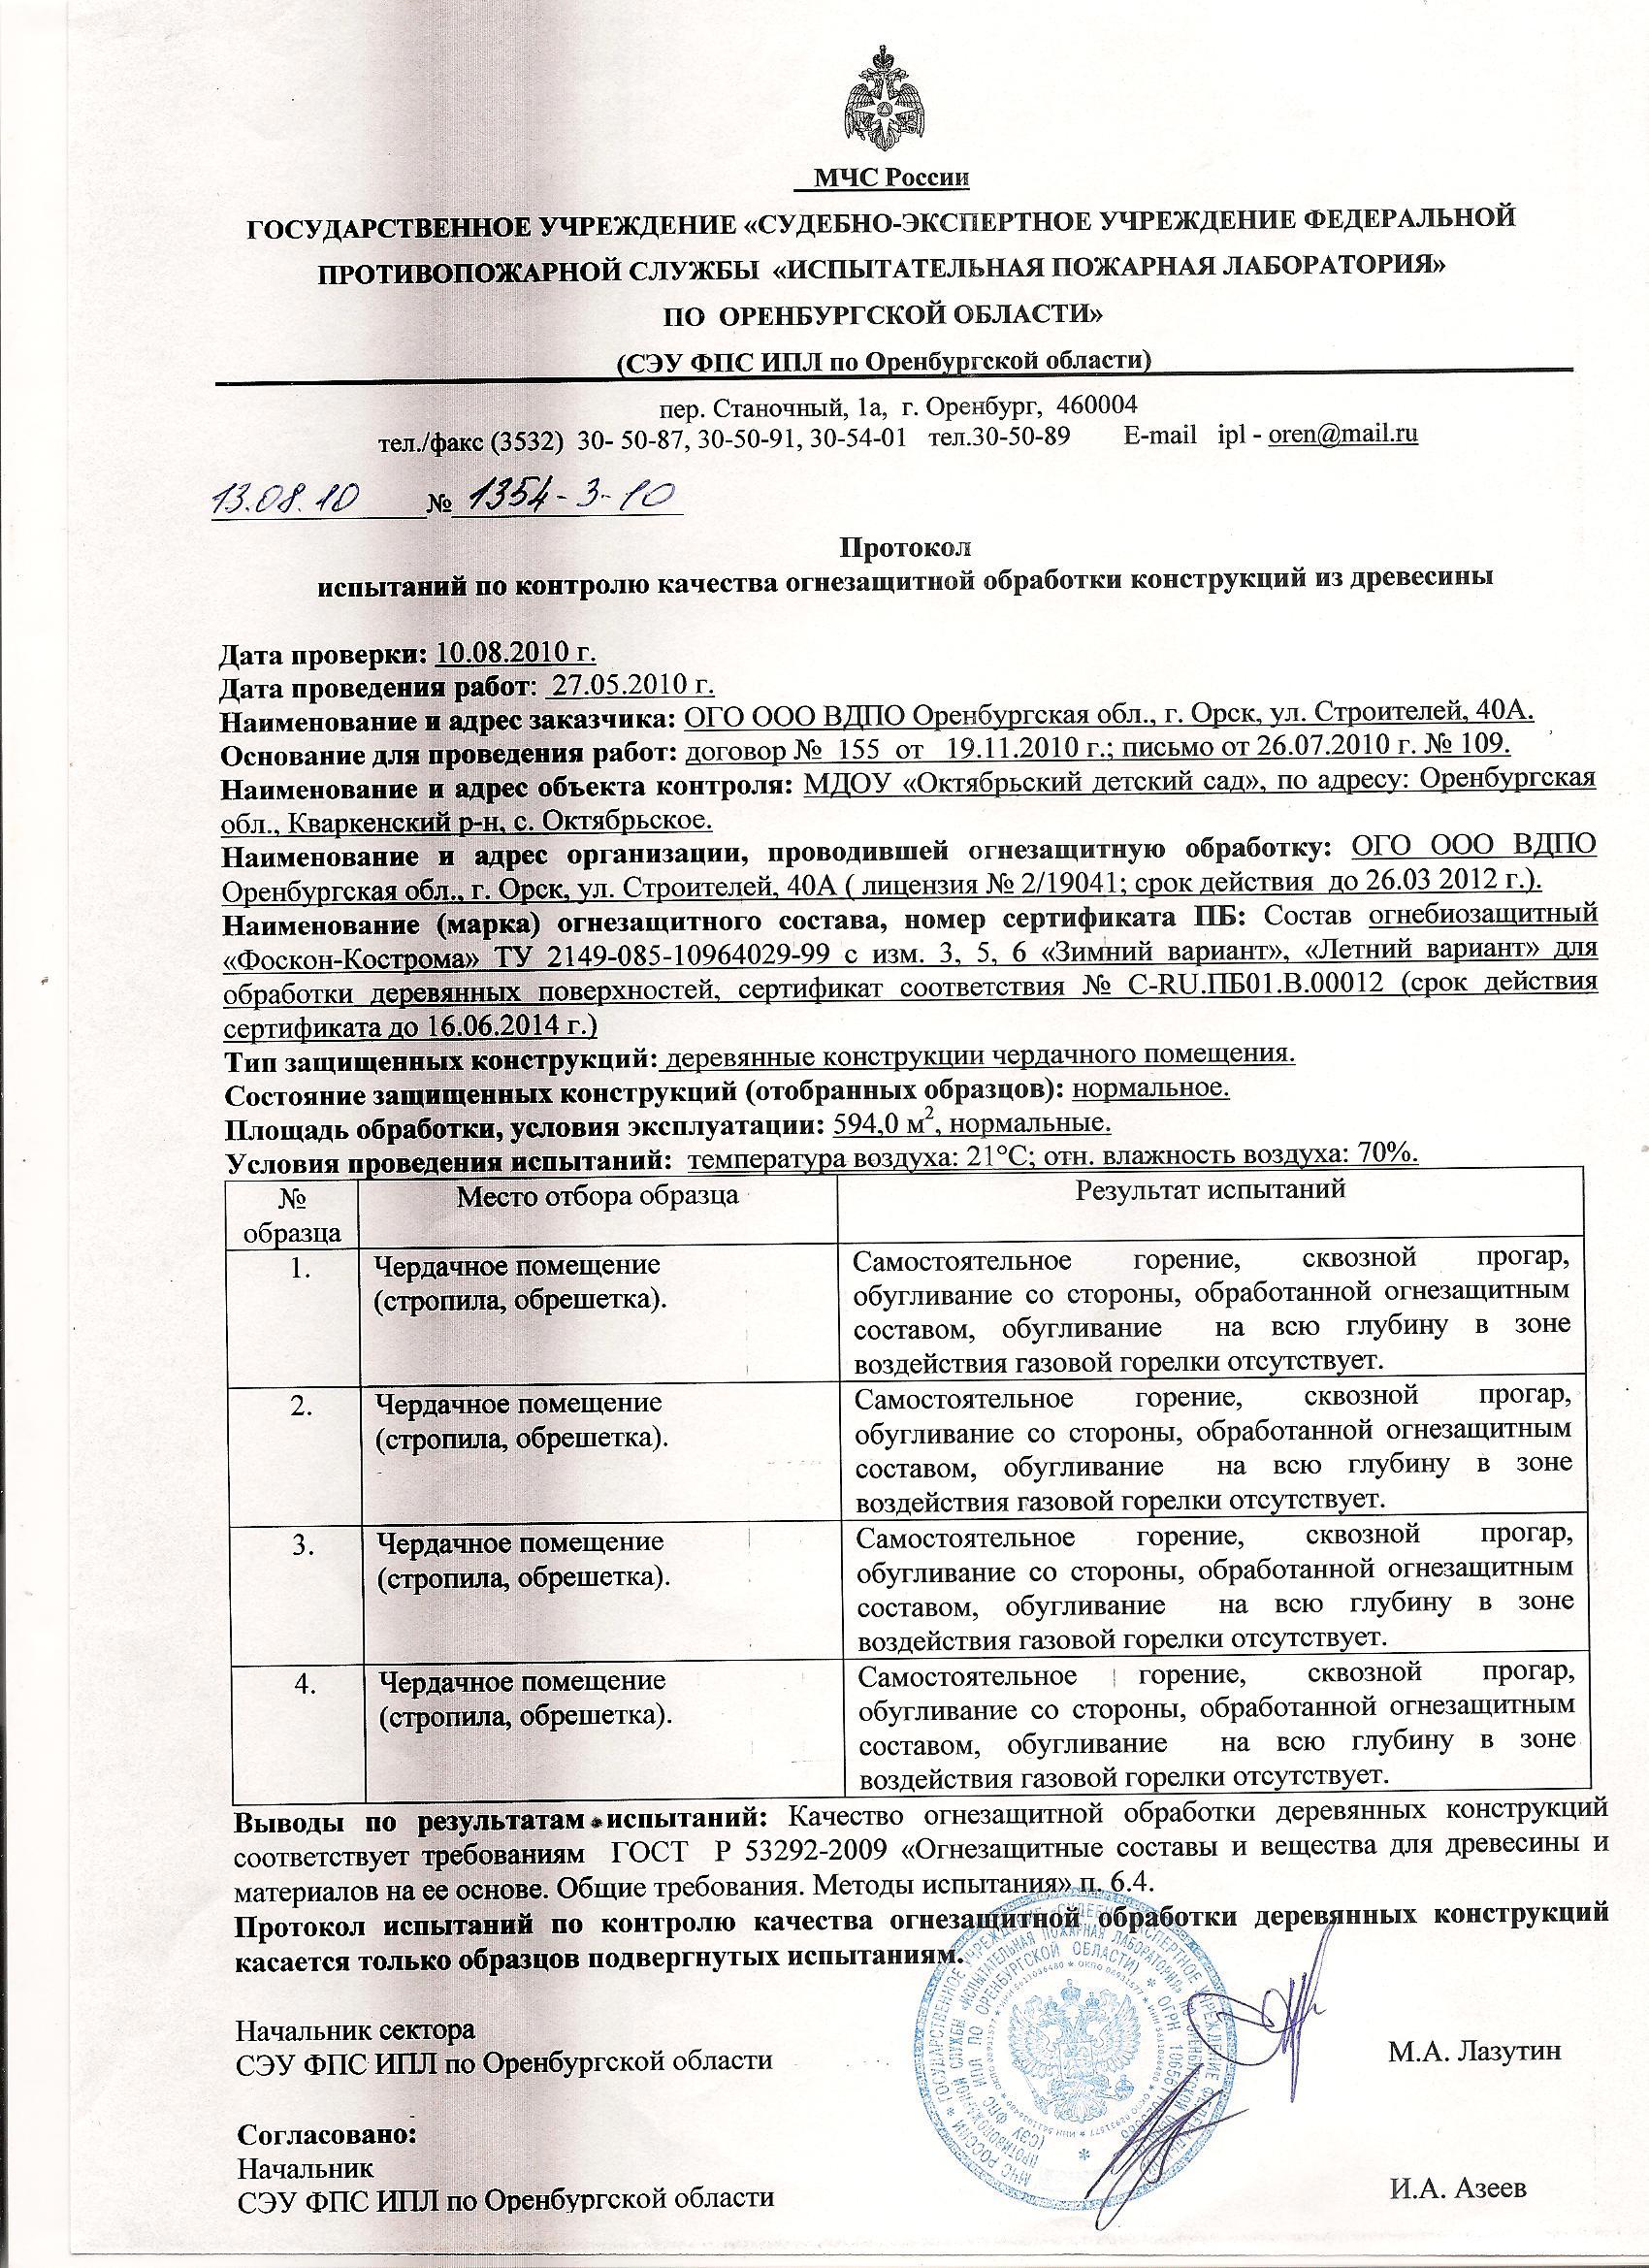 Протокол, составленный после испытания качества состояния противопожарной огнезащиты деревянных конструкций здания